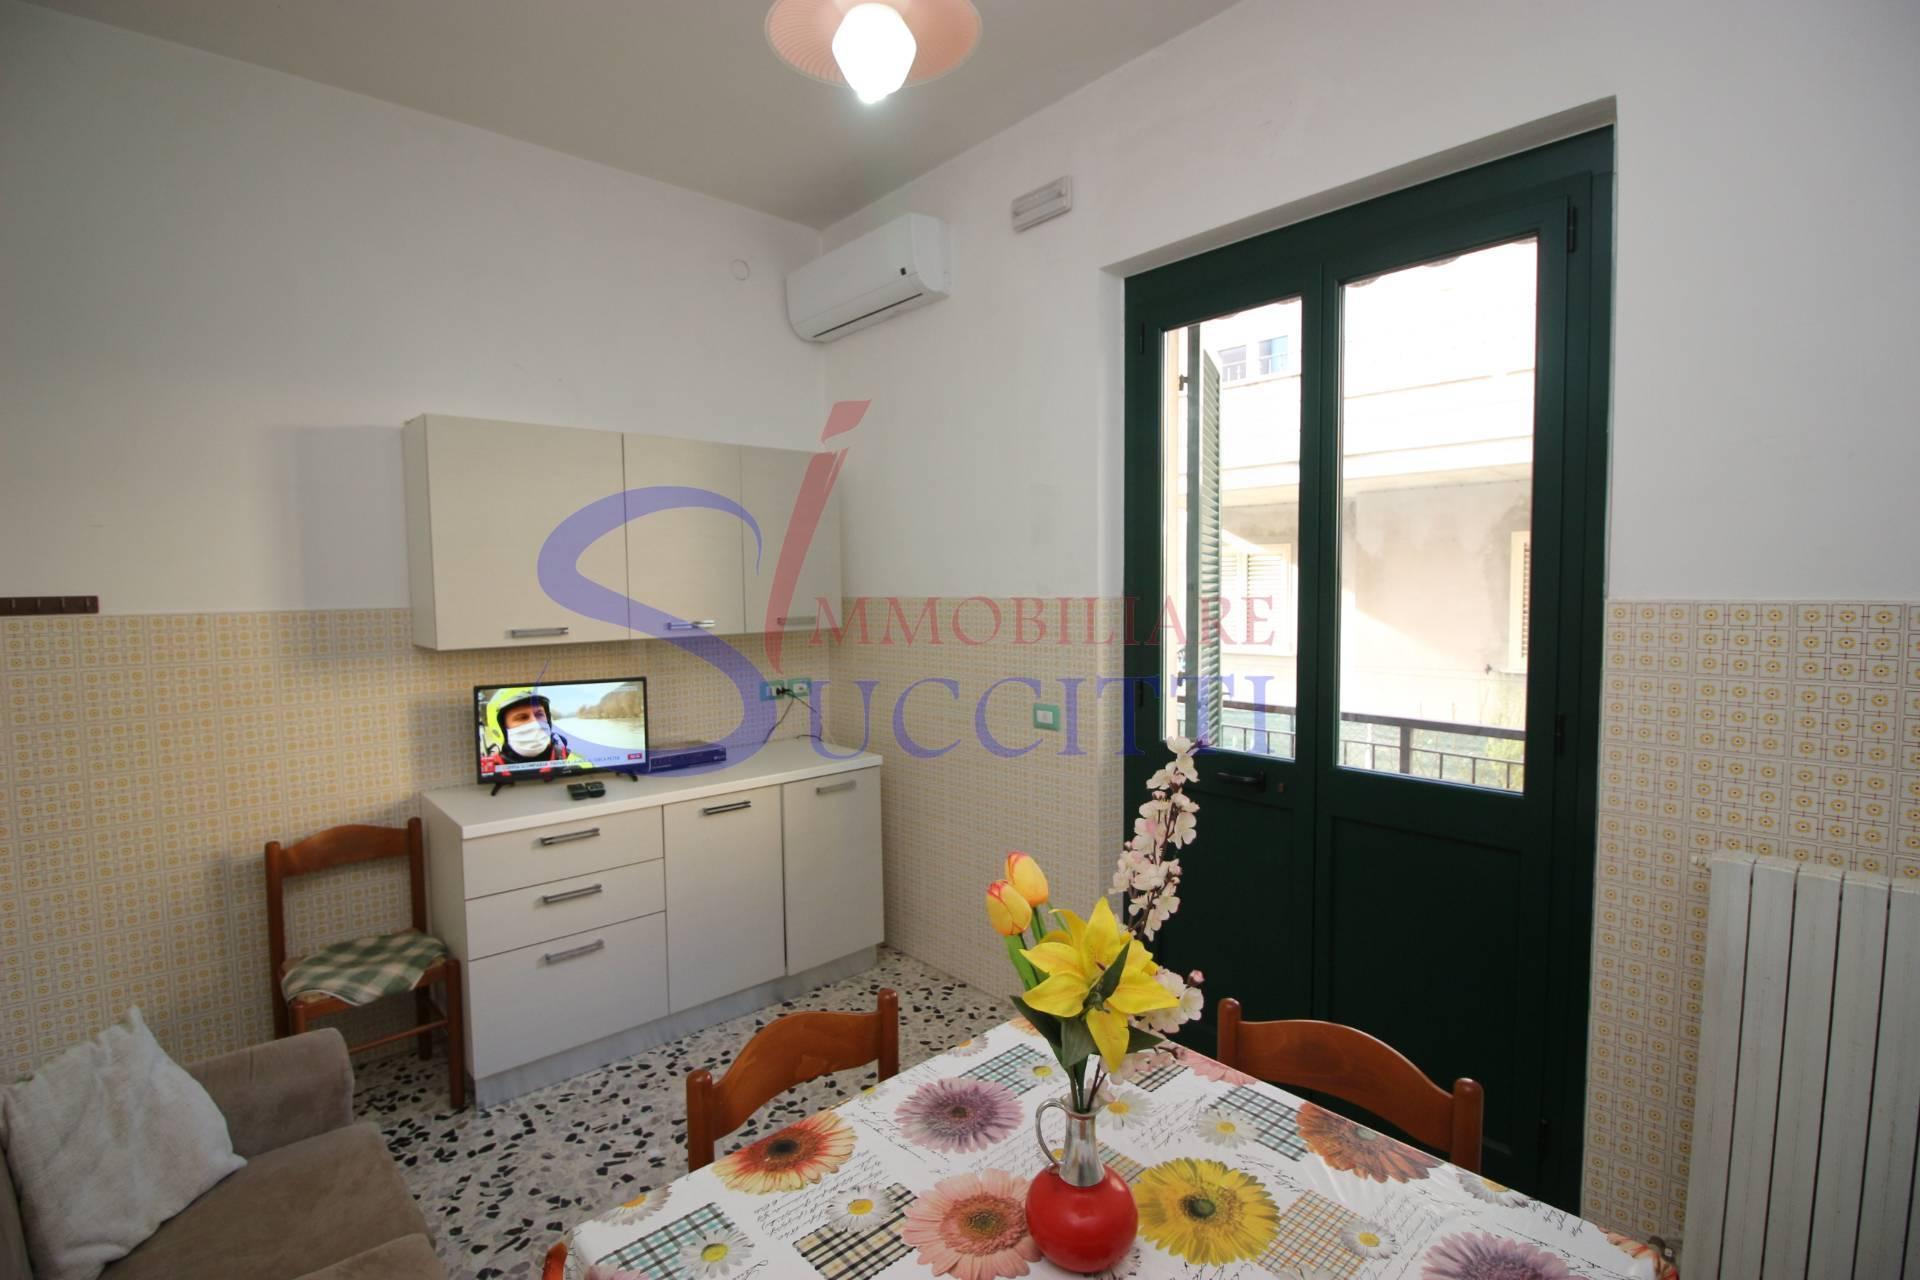 Appartamento in affitto a Alba Adriatica, 3 locali, zona Località: ZonaMare, Trattative riservate   CambioCasa.it